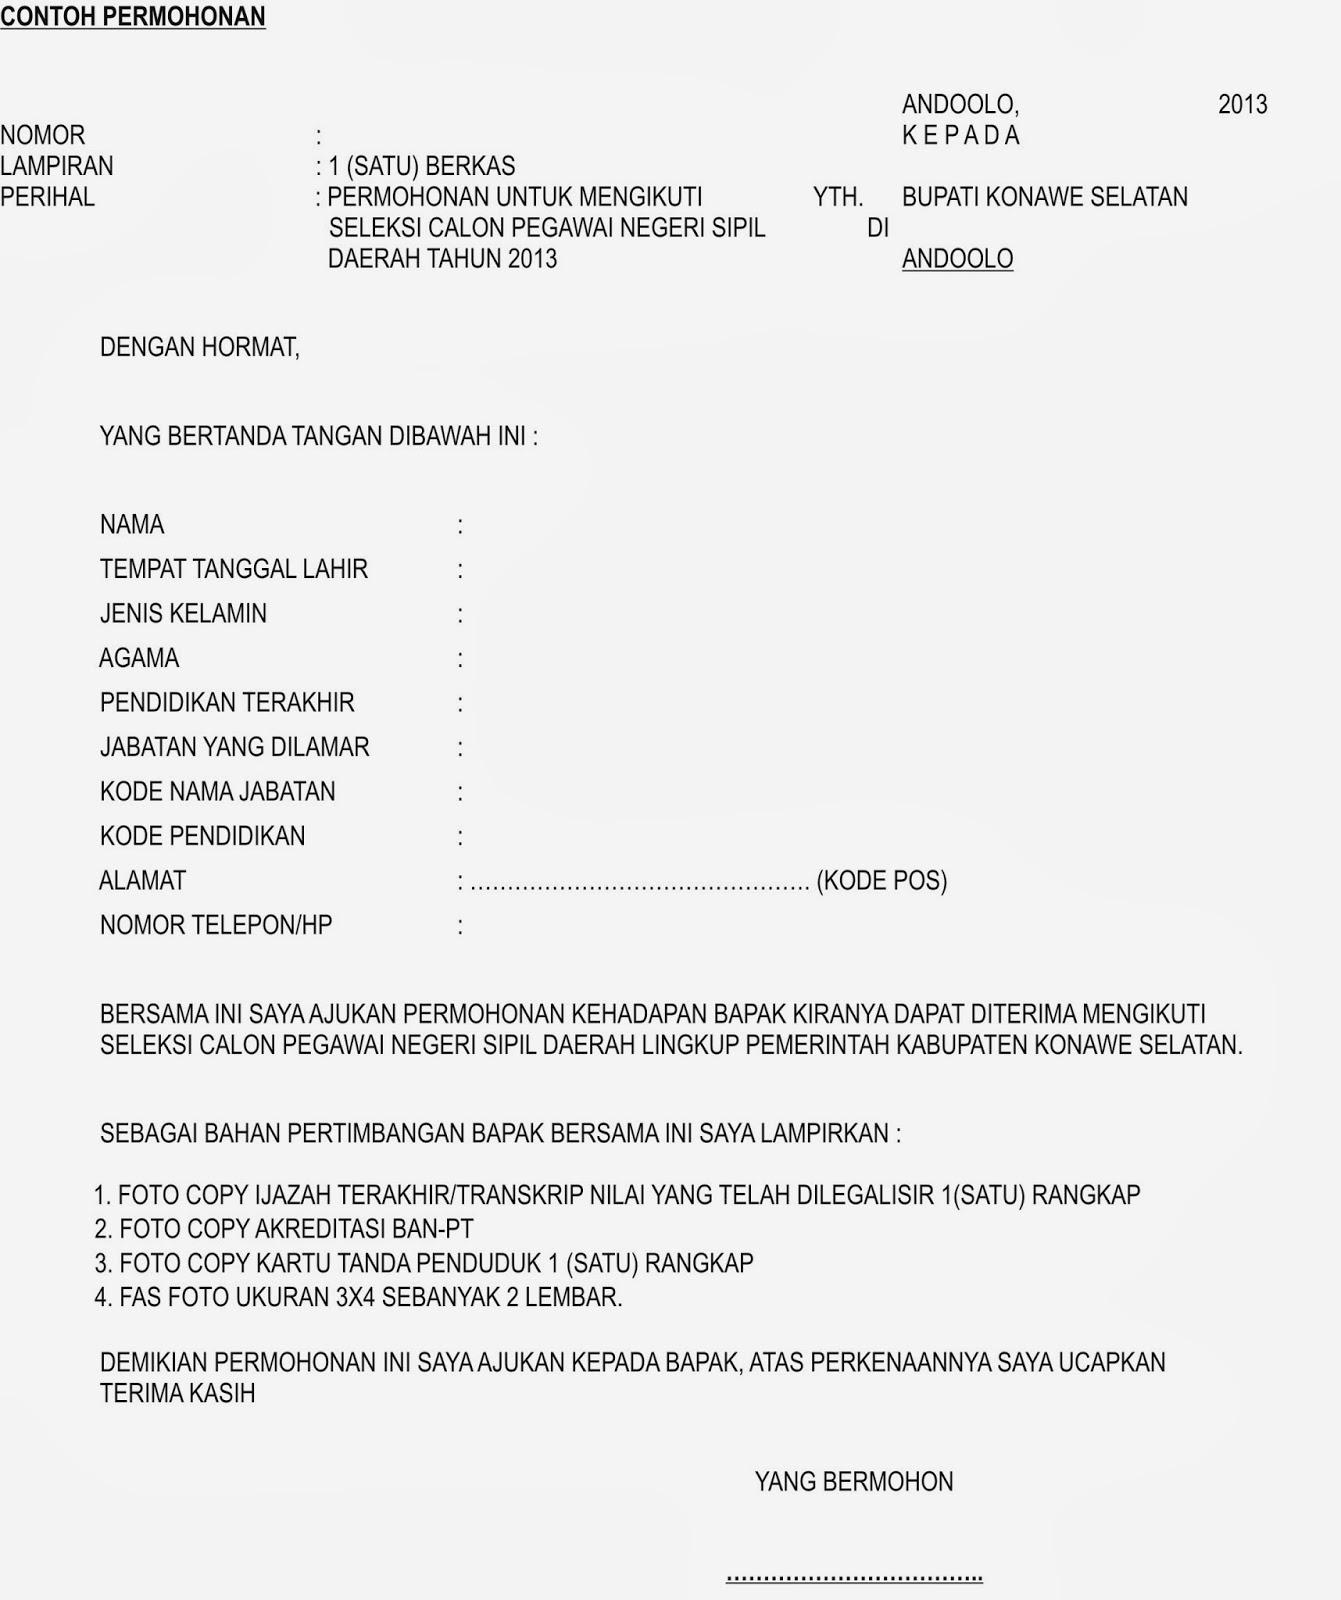 Informasi Cpns Kabupaten 2013 Jember Information Center Pusat Informasi Kota Informasi Pendaftaran Cpns 2013 Kab Konawe Selatan Abu Fathan